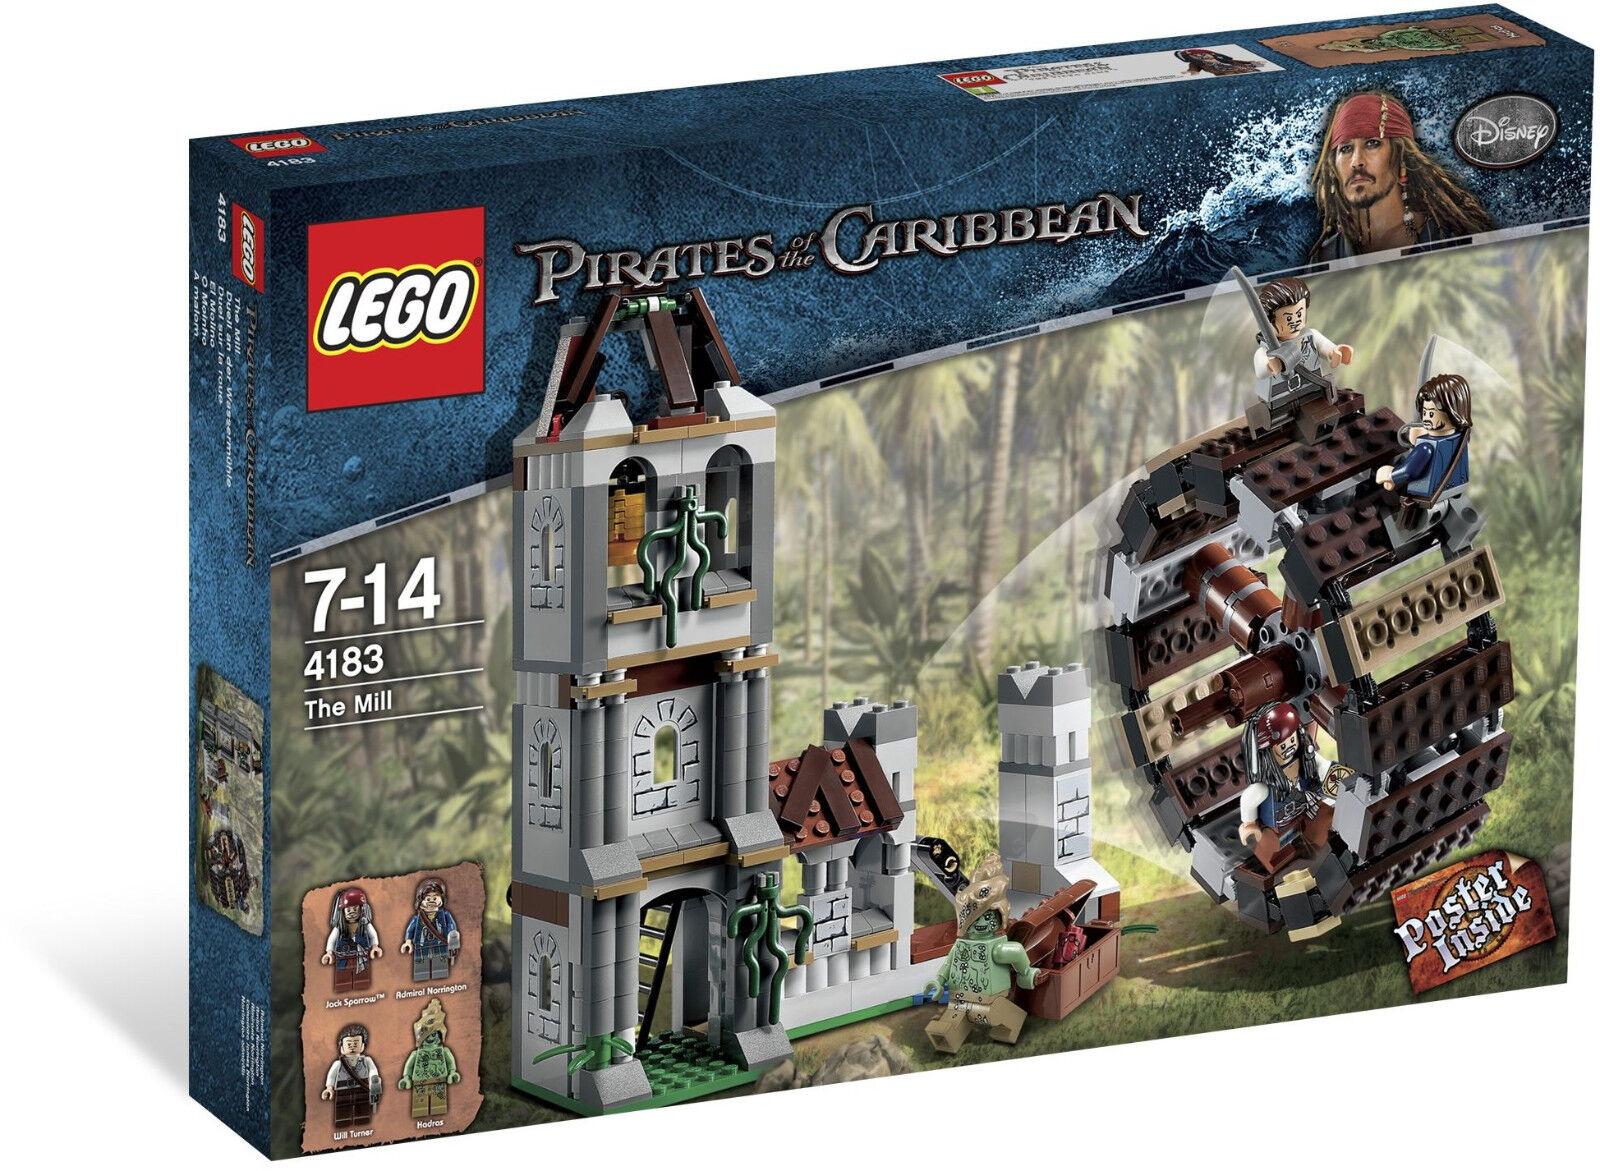 2011 Lego retirado Piratas del Caribe 4183 El Molino, Raro Conjunto, Nuevo Y Sellado